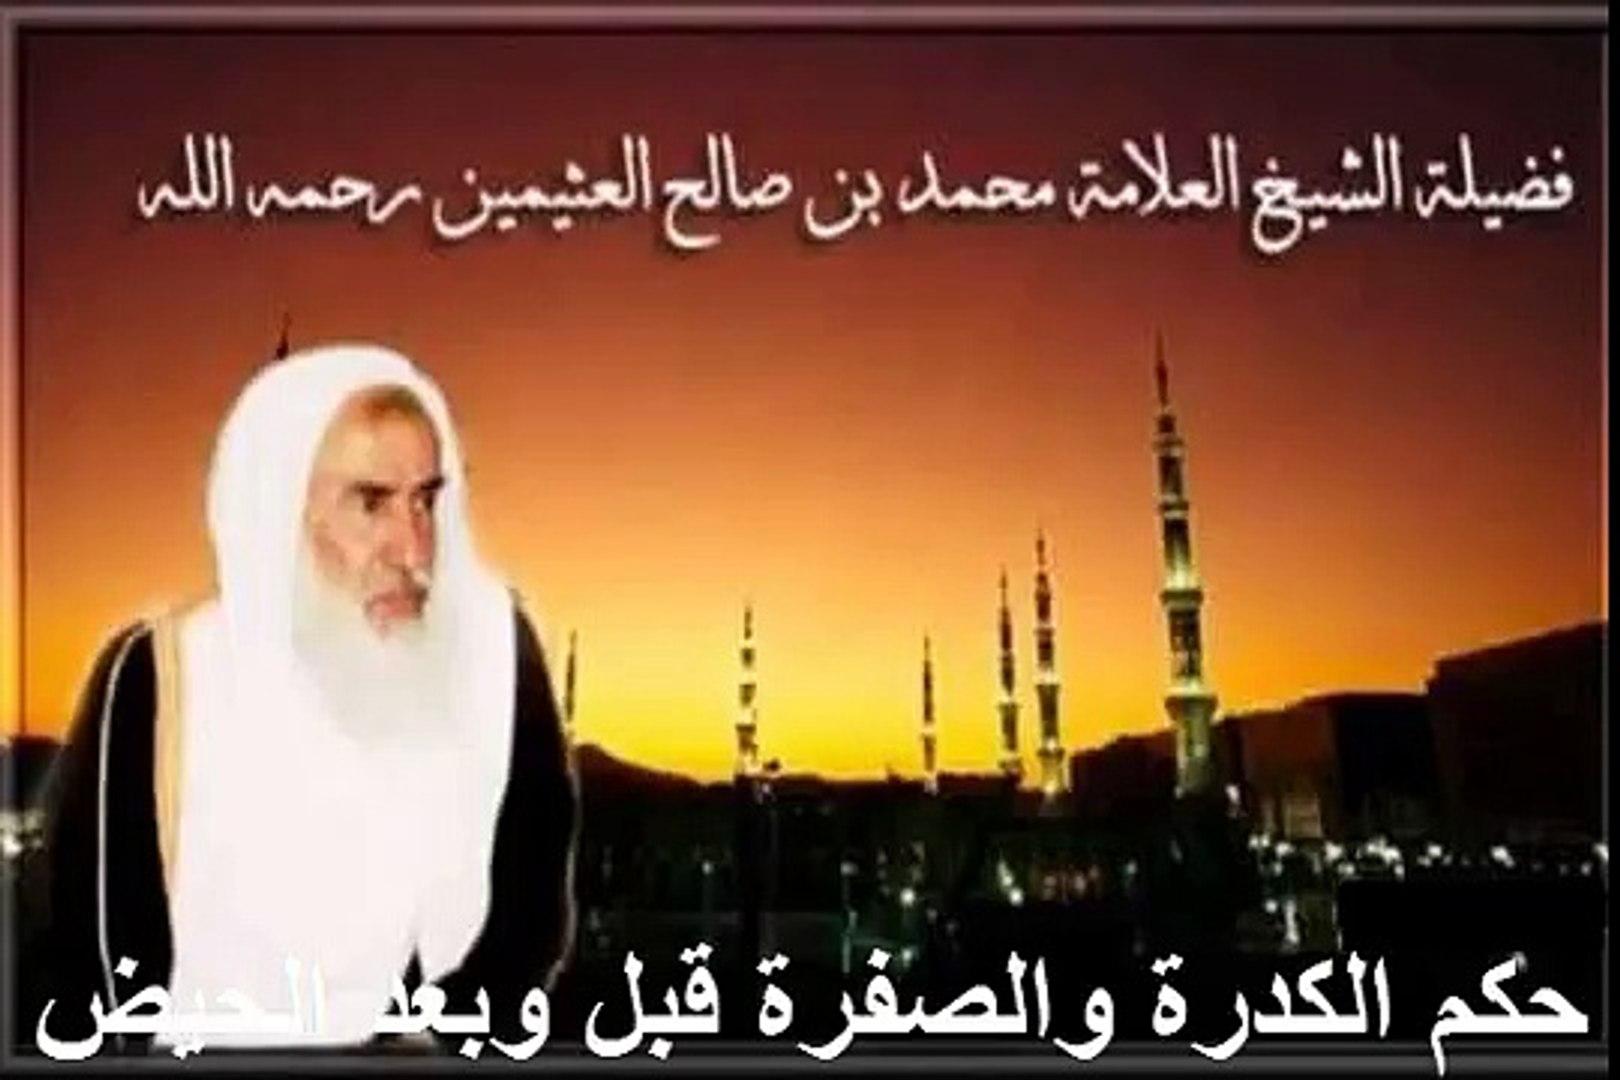 محمد بن عثيمين حكم الكدرة والصفرة قبل وبعد الحيض فيديو Dailymotion